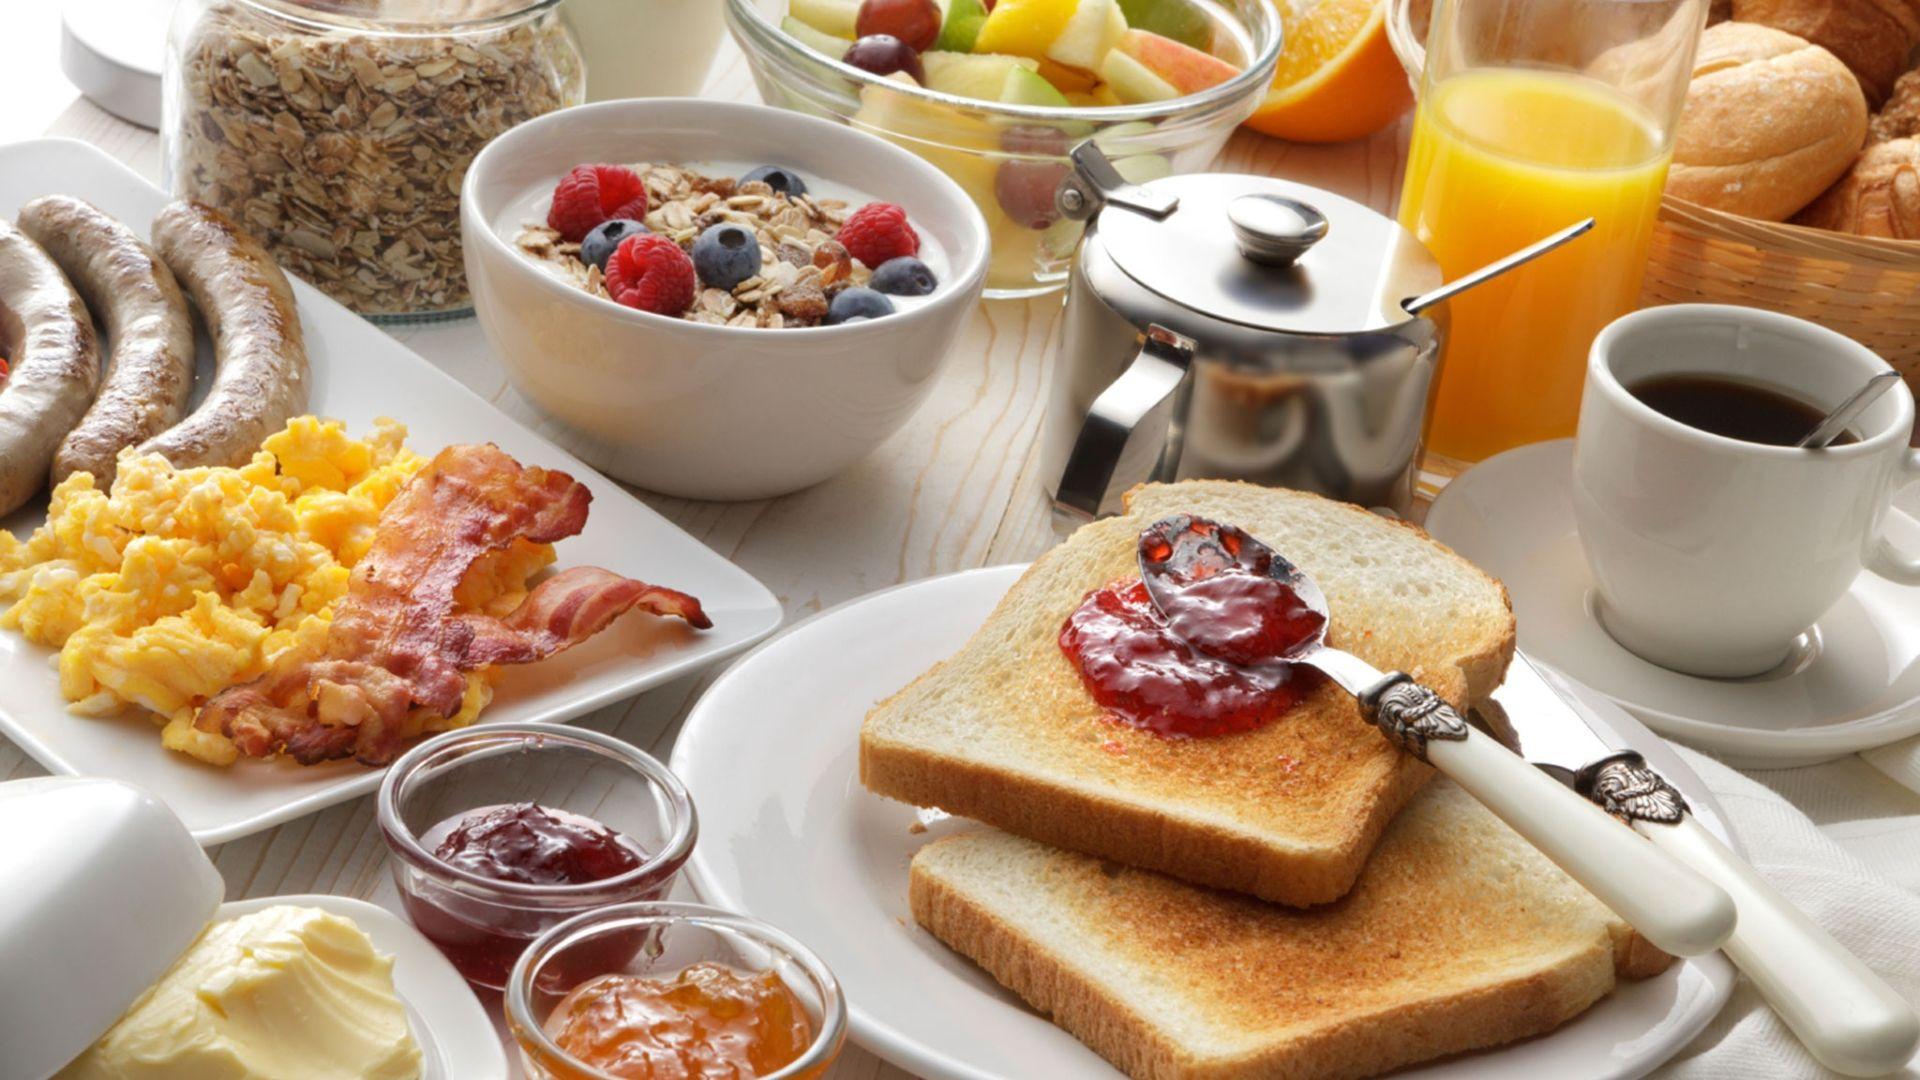 Frases De Café Da Manhã Começando O Dia Bem